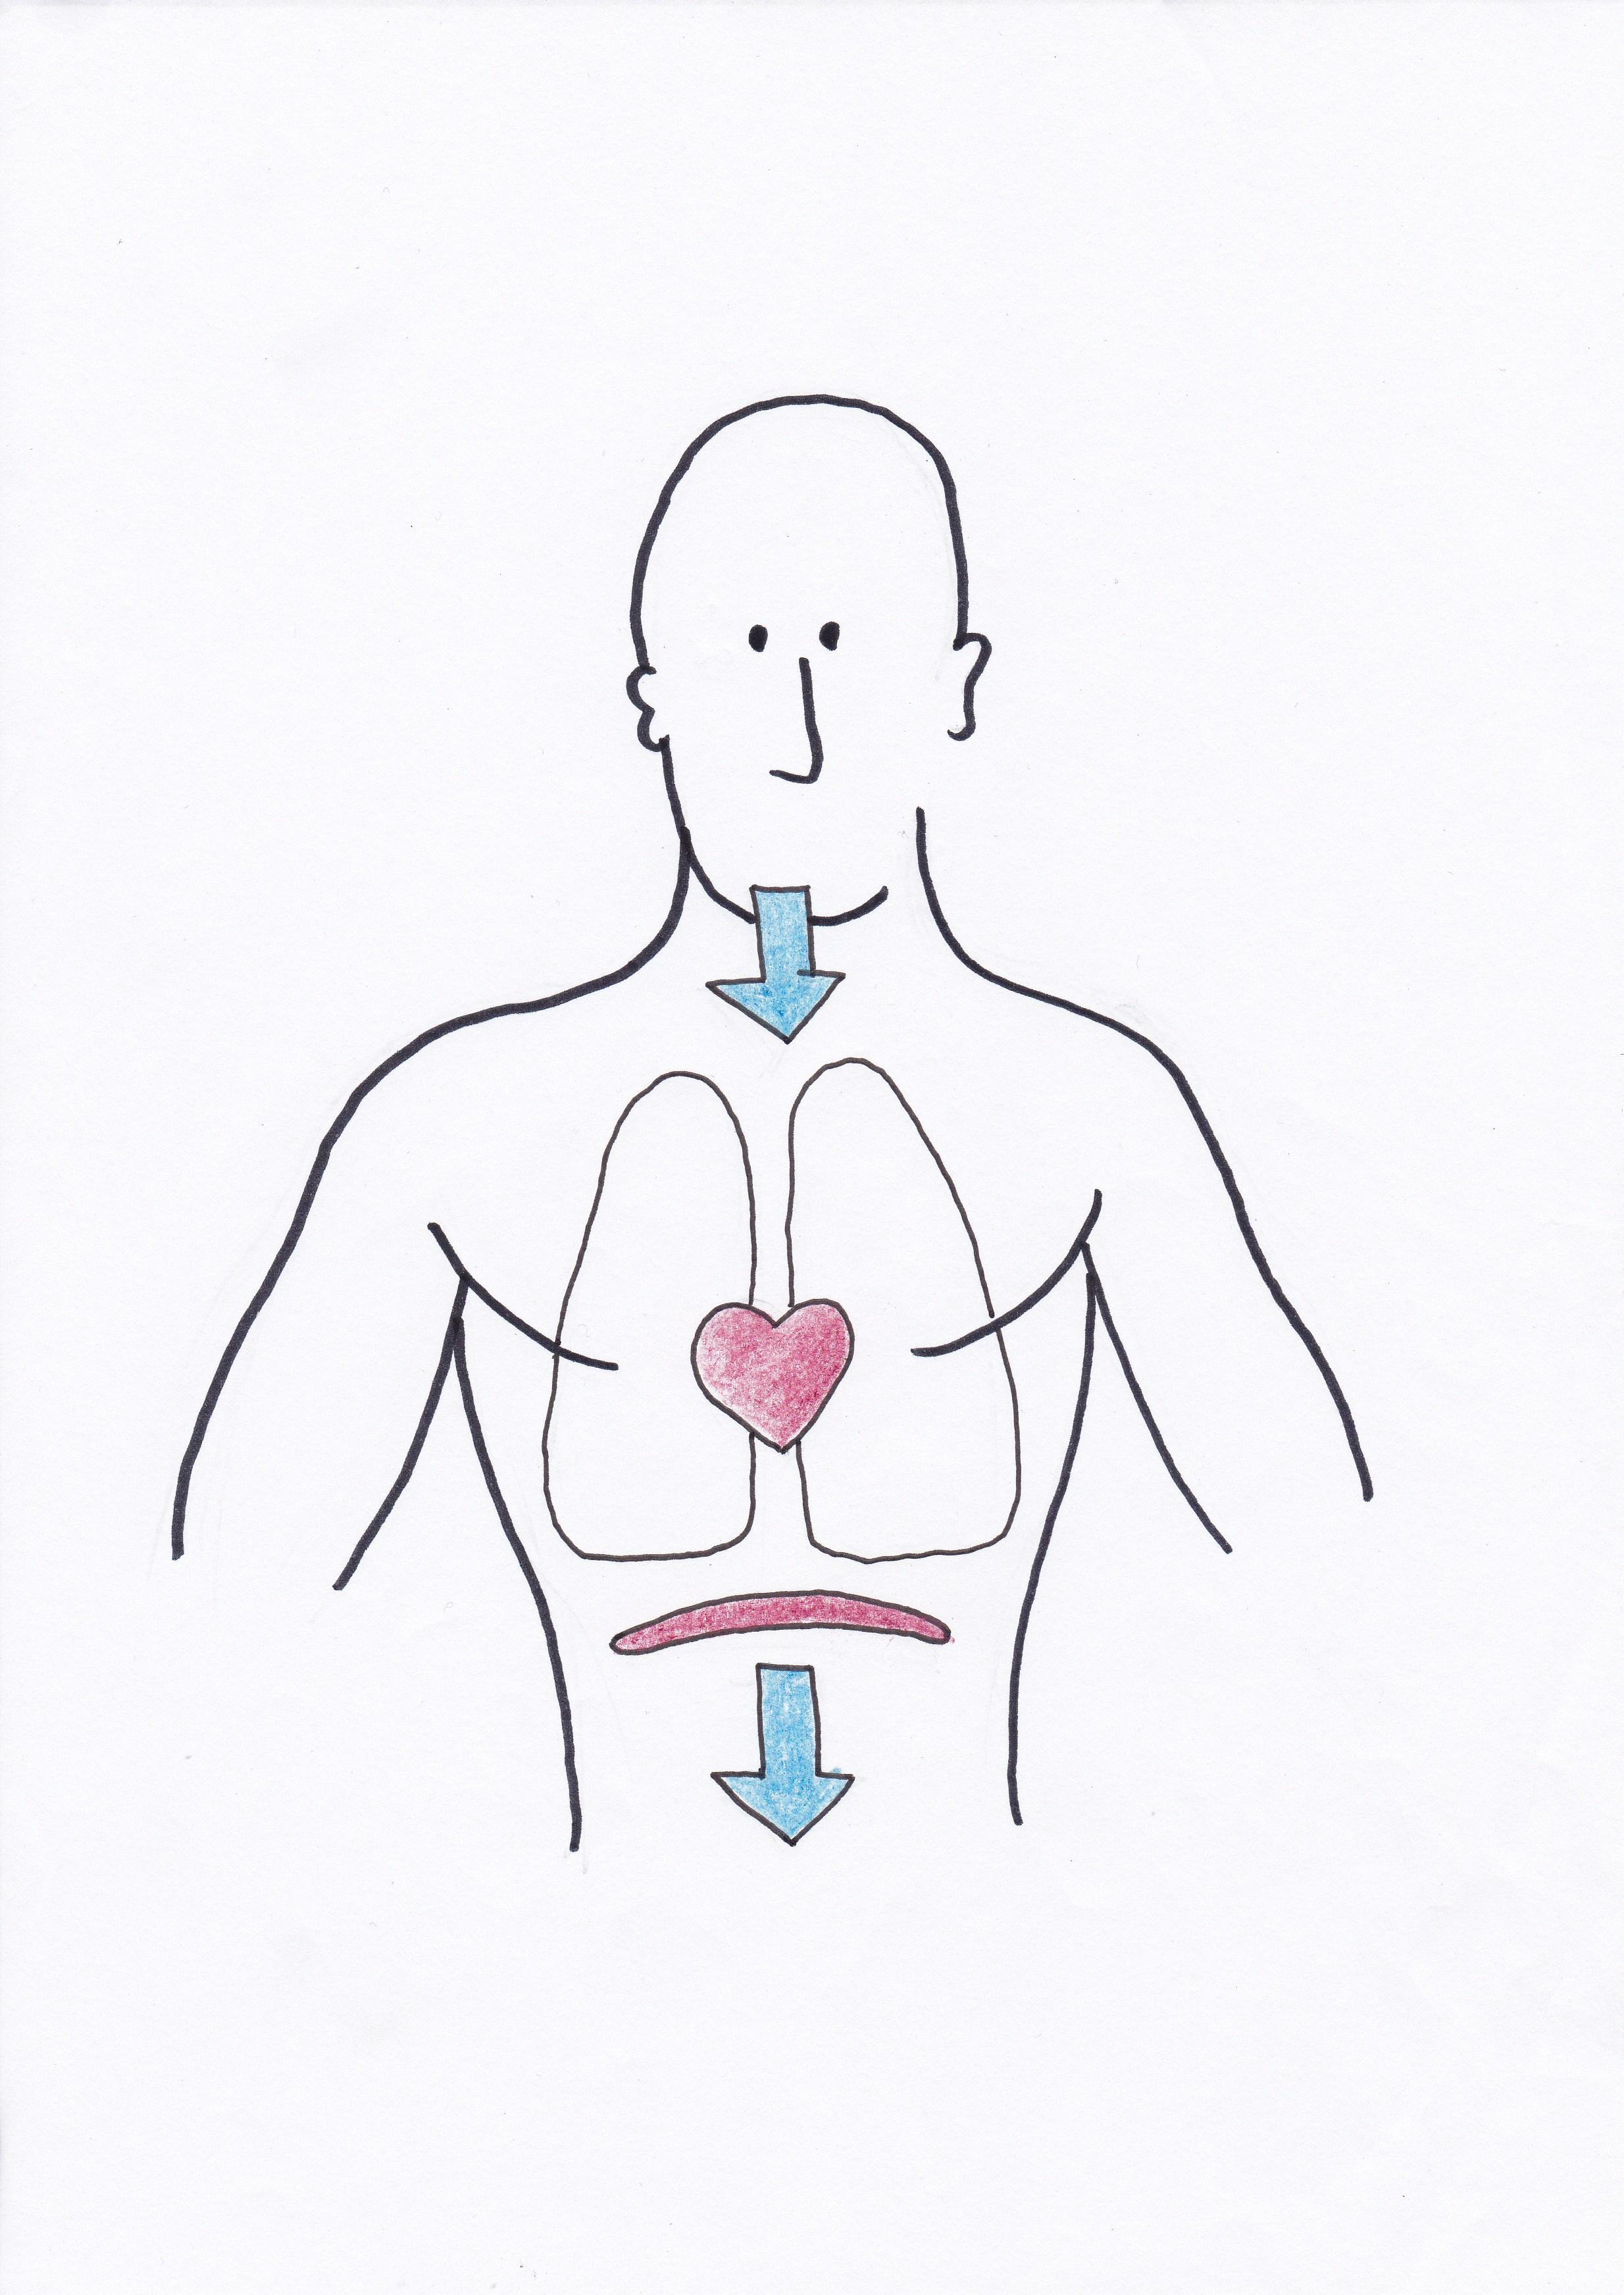 Breathing Man Inhalation